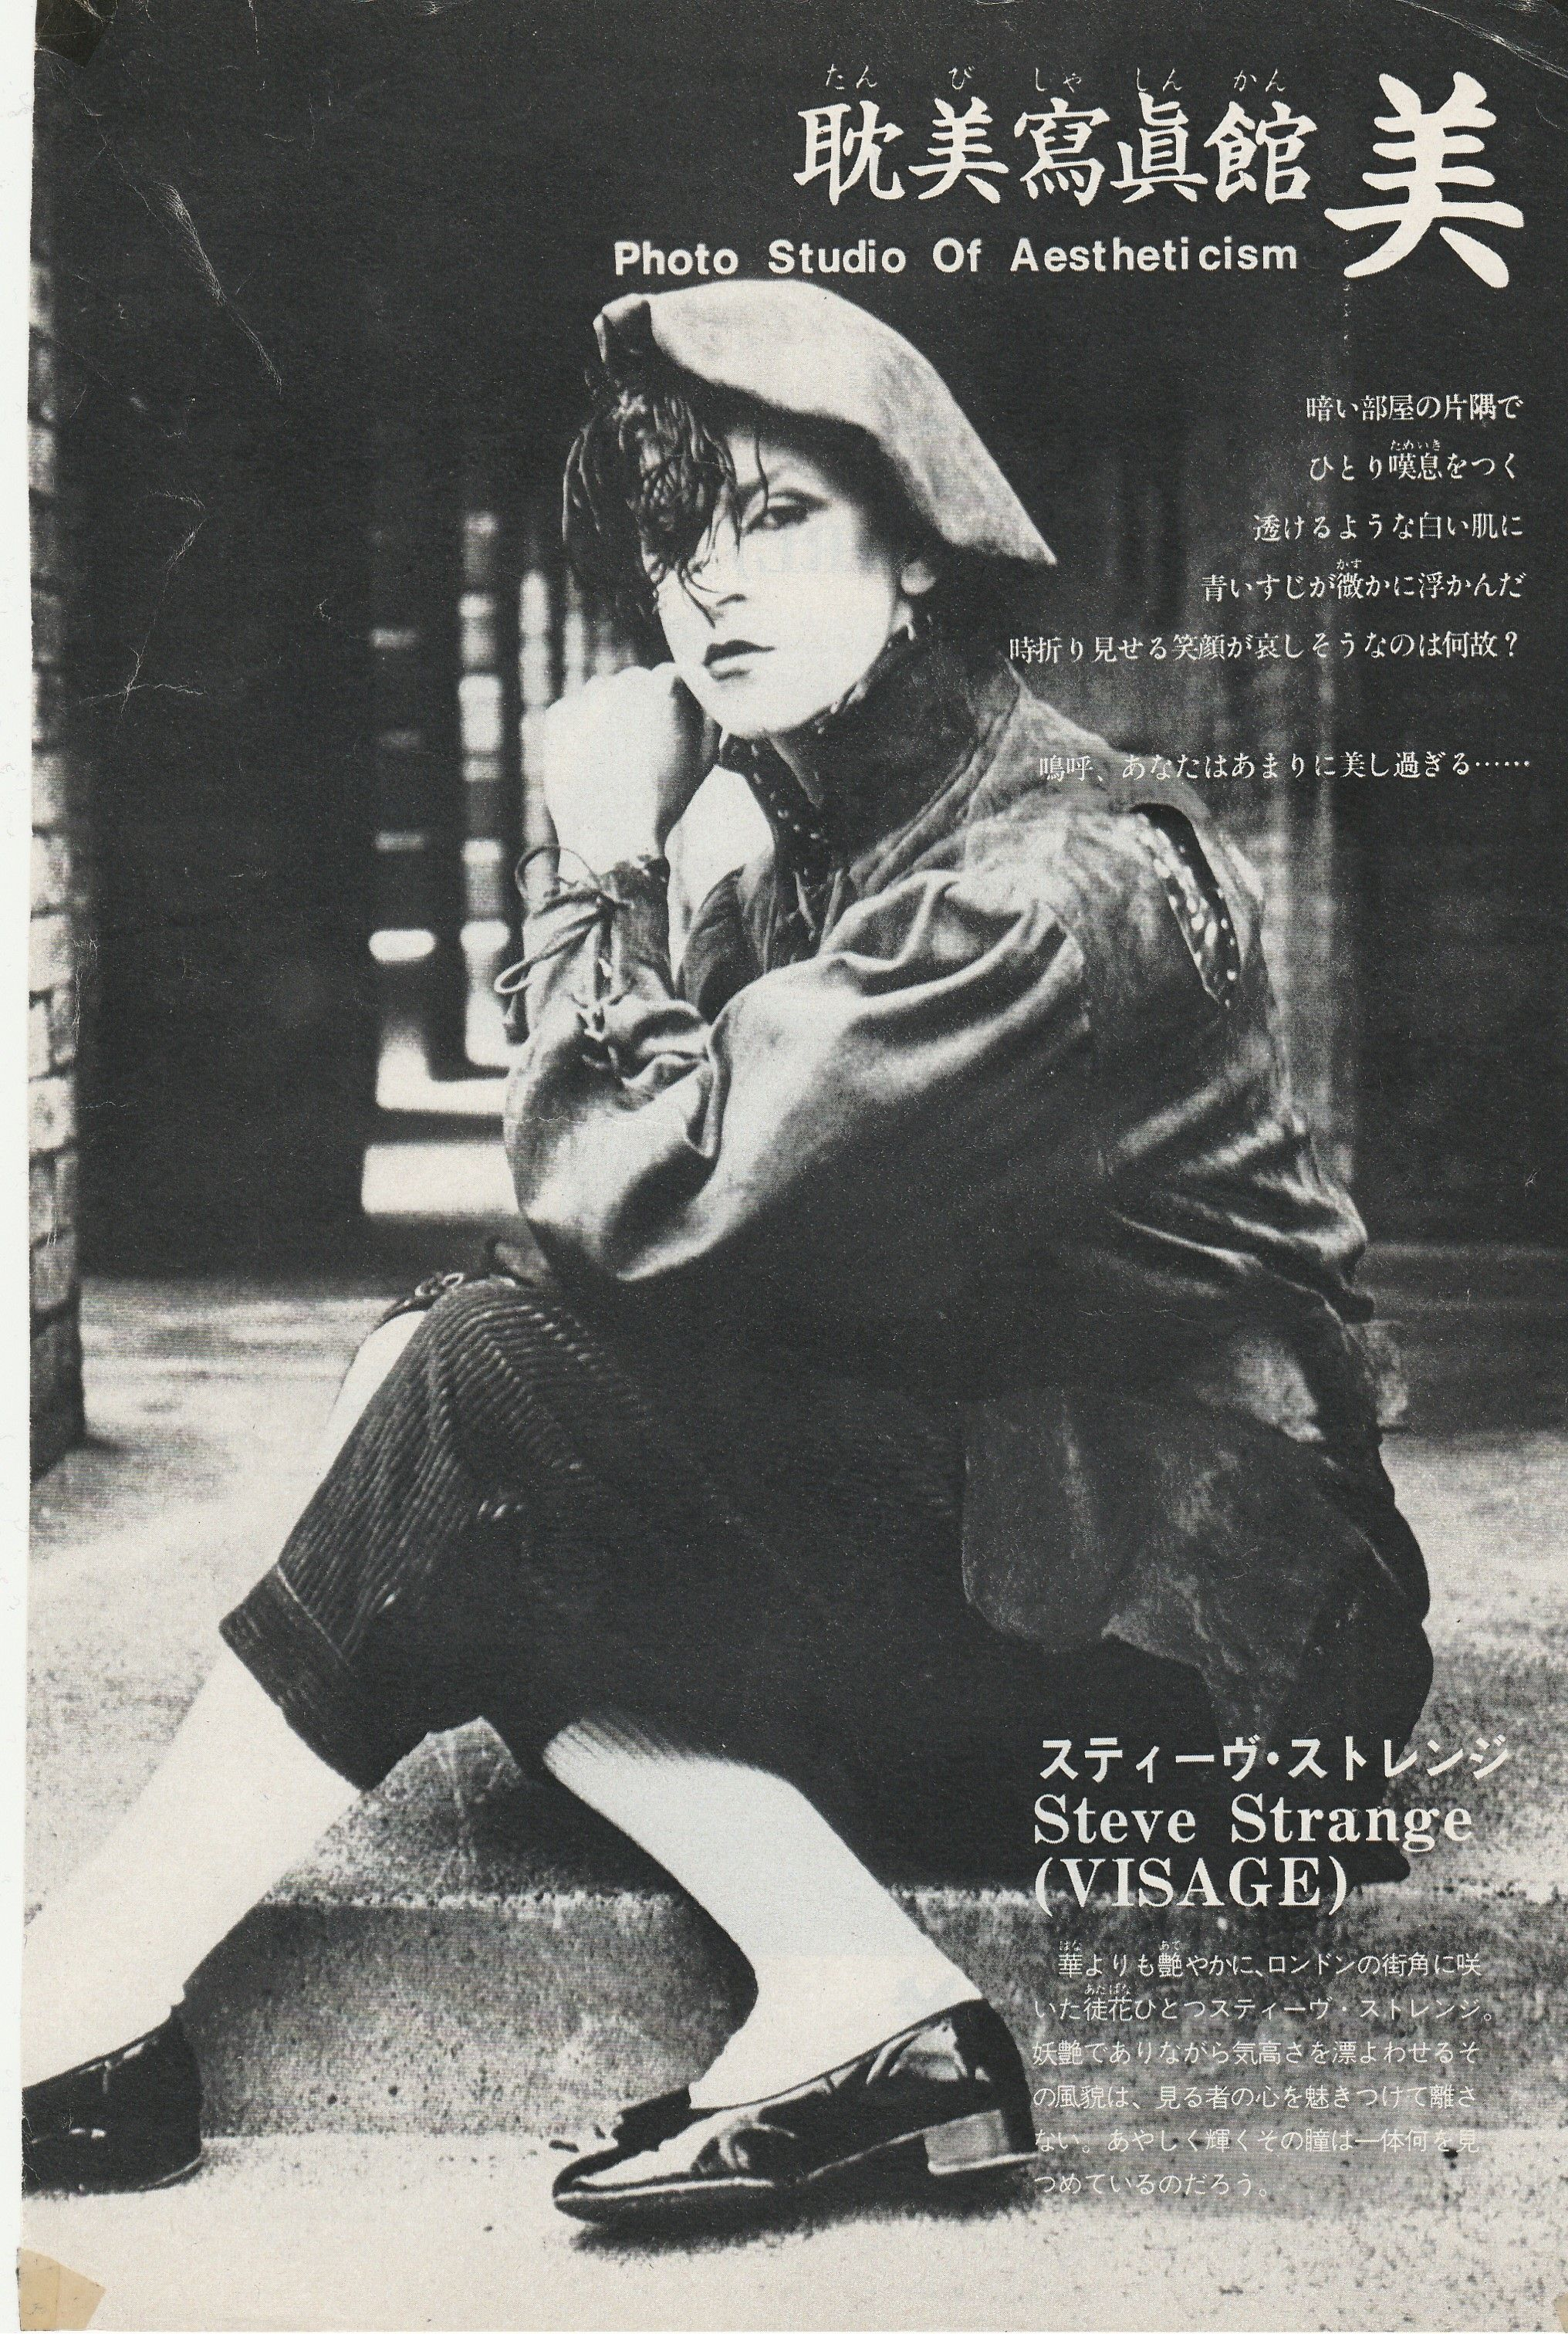 Pin By Don Mendenhall On Visage Steve Strange Stranger Things Steve New Romantics Romantic Goth